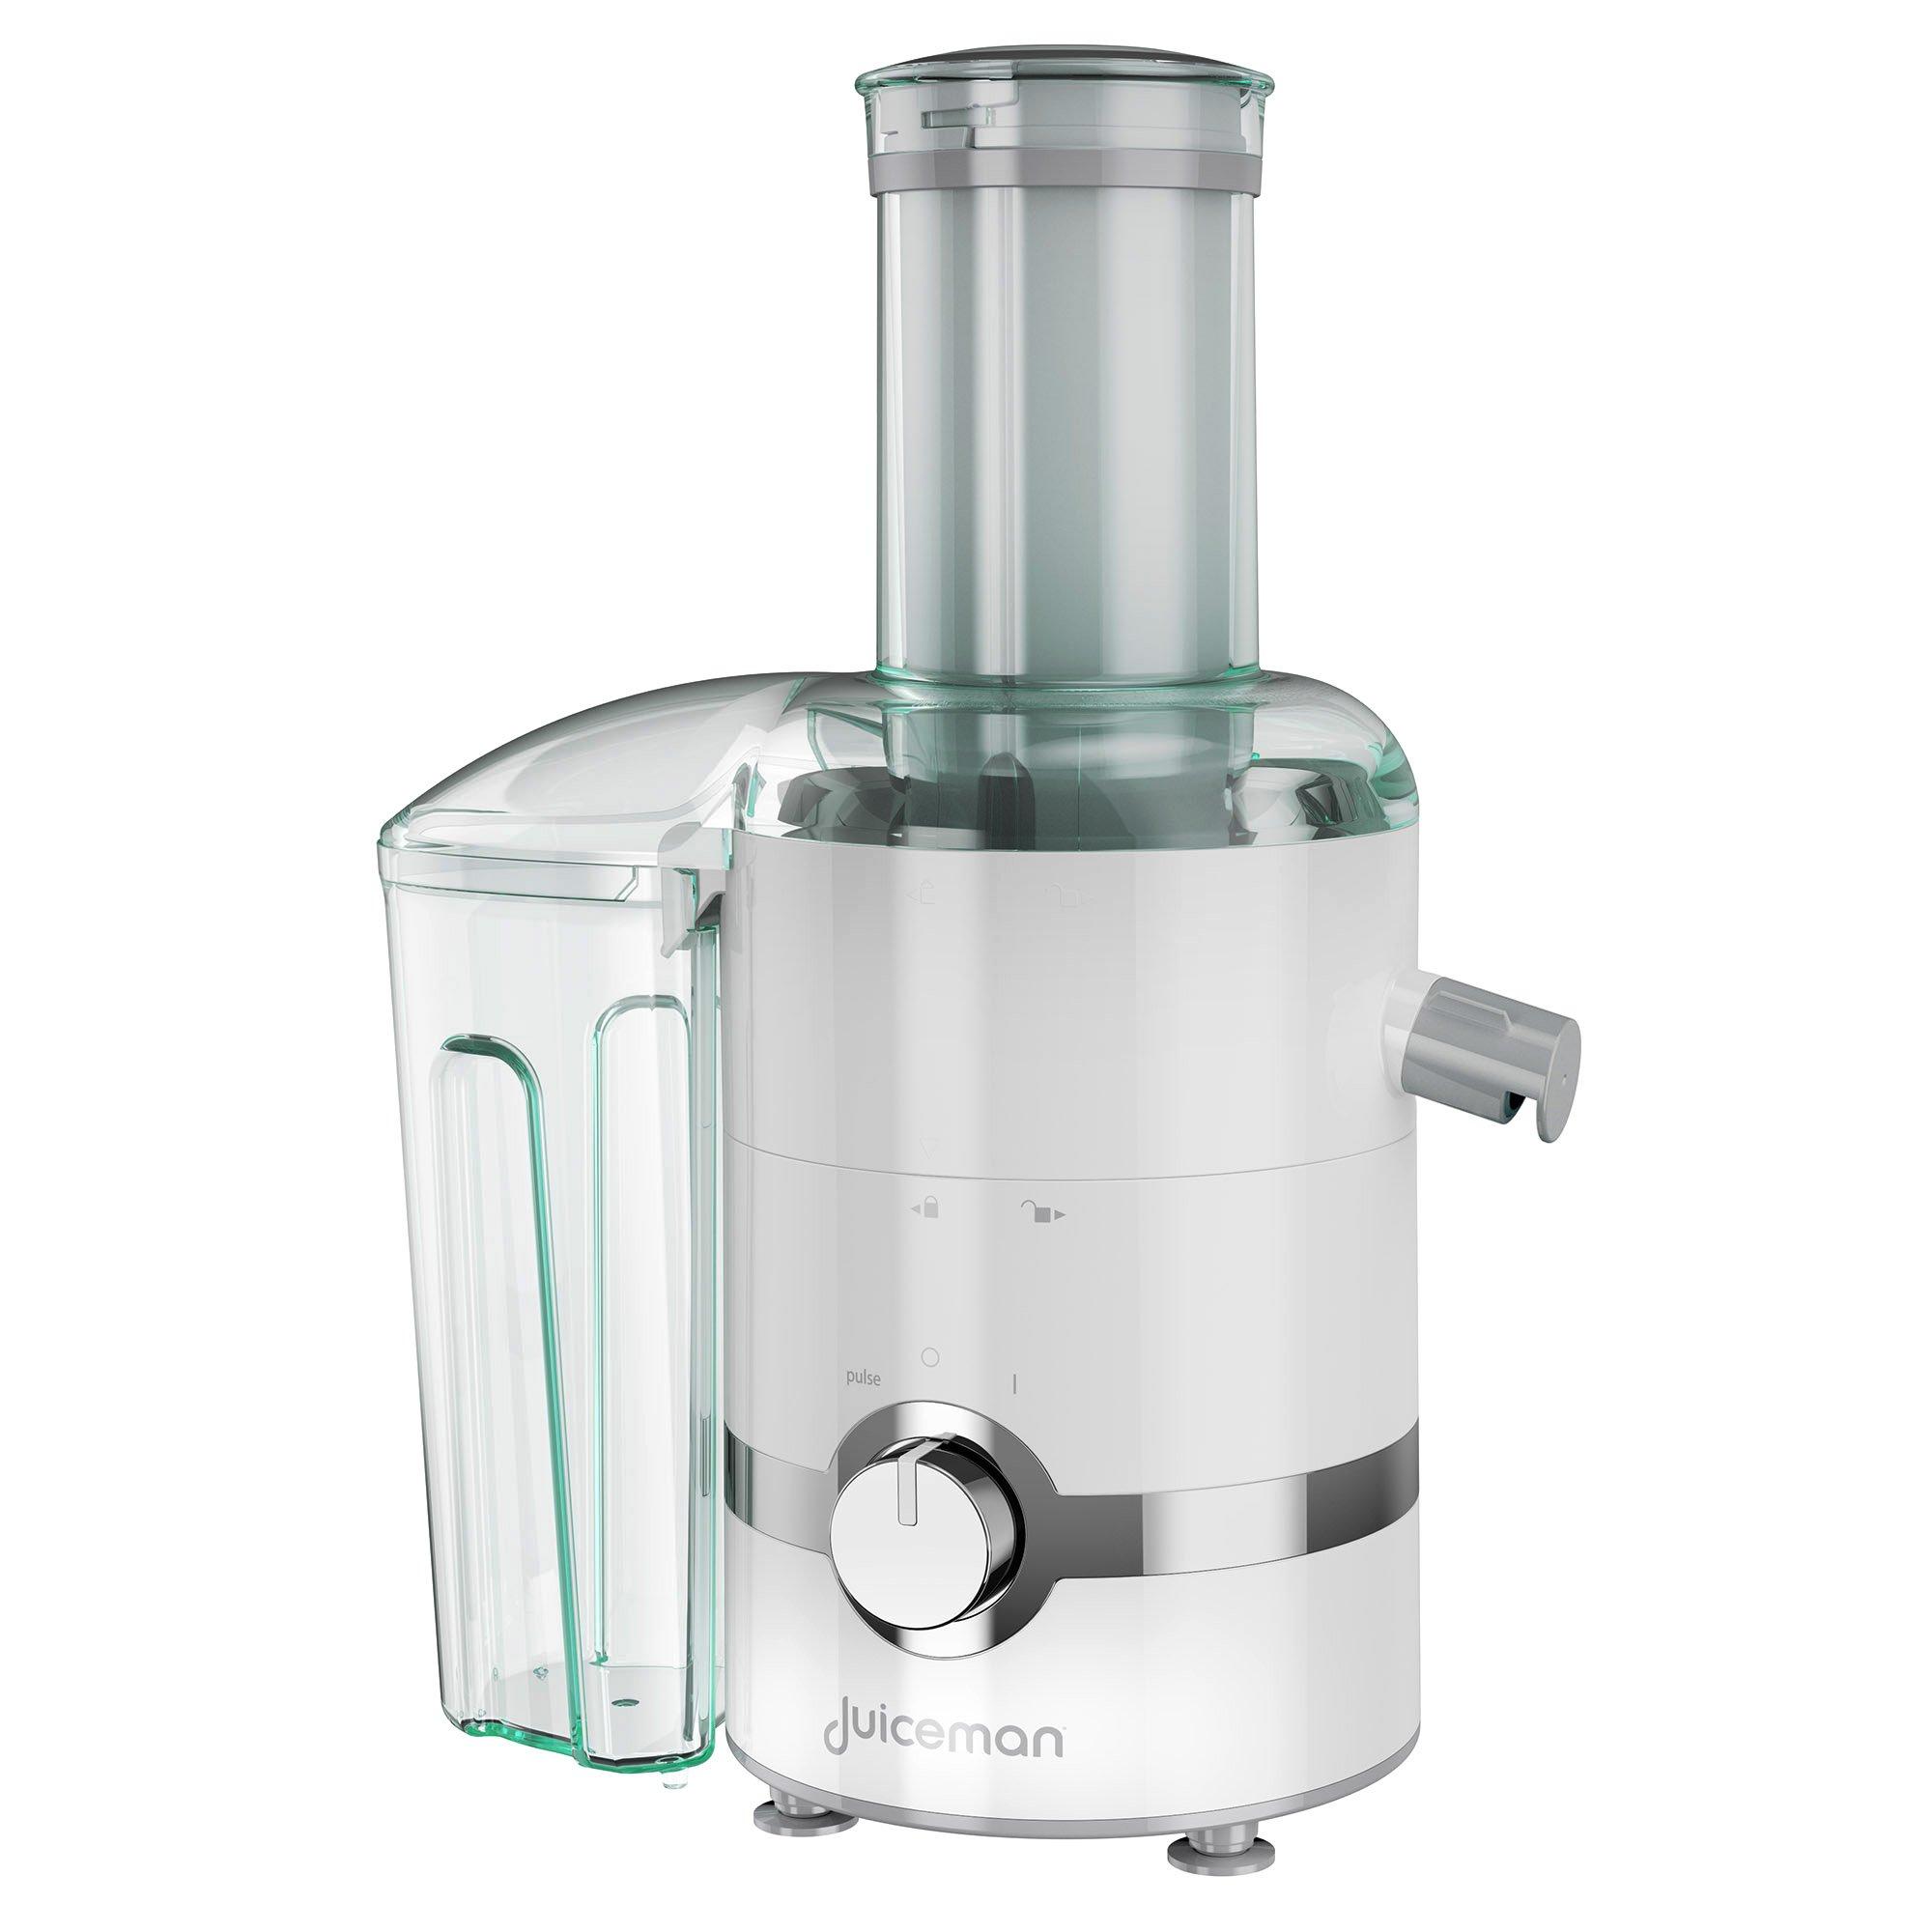 Juiceman JM3000 3-in-1 Total Electric Juicer, Juicer, Blender, & Citrus Juicer with 2L Removable Pulp Container & 24oz. Portable Personal Blending Jar (Travel Lid Included)